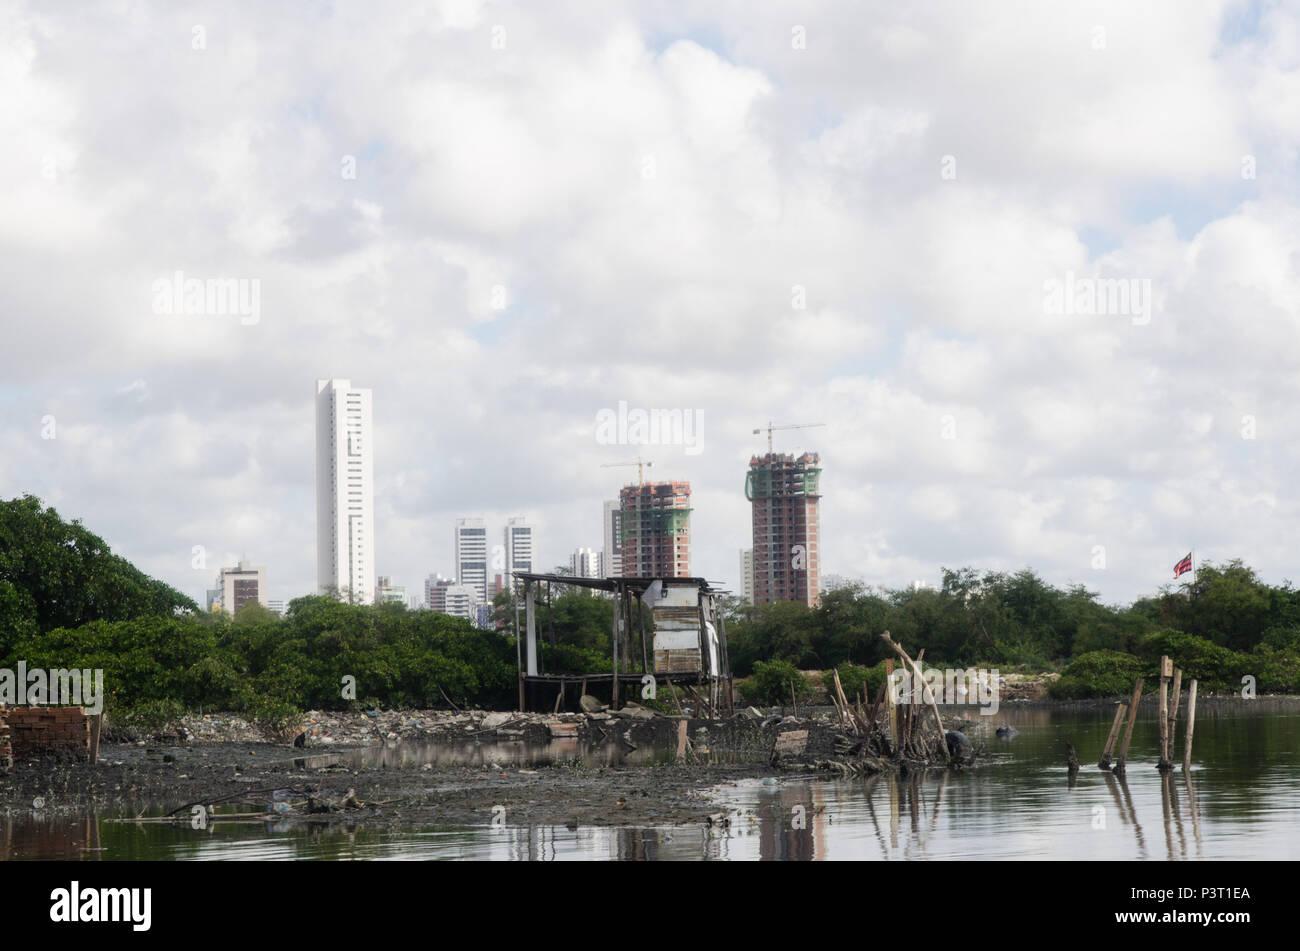 RECIFE, PE - 21.10.2015: FAVELA DO NO BUEIRO RECIFE - Desigualdade social na paisagem do Río Capibaribe, no Recife (PE). E Palafitas prédios de luxo em construção. (Foto: Diego Herculano / Fotoarena) Foto de stock